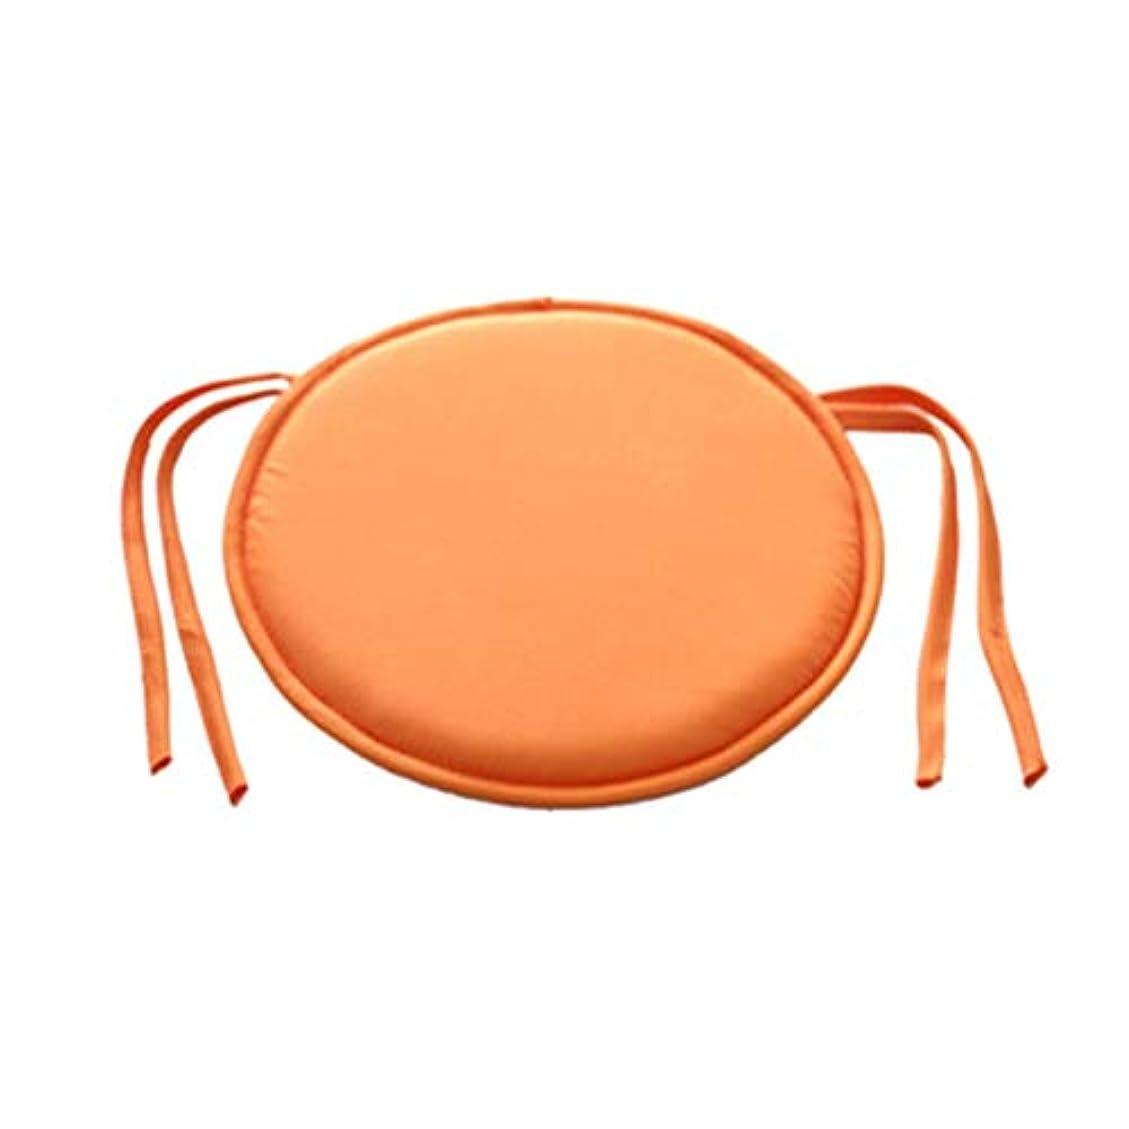 剪断シプリー議論するSMART ホット販売ラウンドチェアクッション屋内ポップパティオオフィスチェアシートパッドネクタイスクエアガーデンキッチンダイニングクッション クッション 椅子